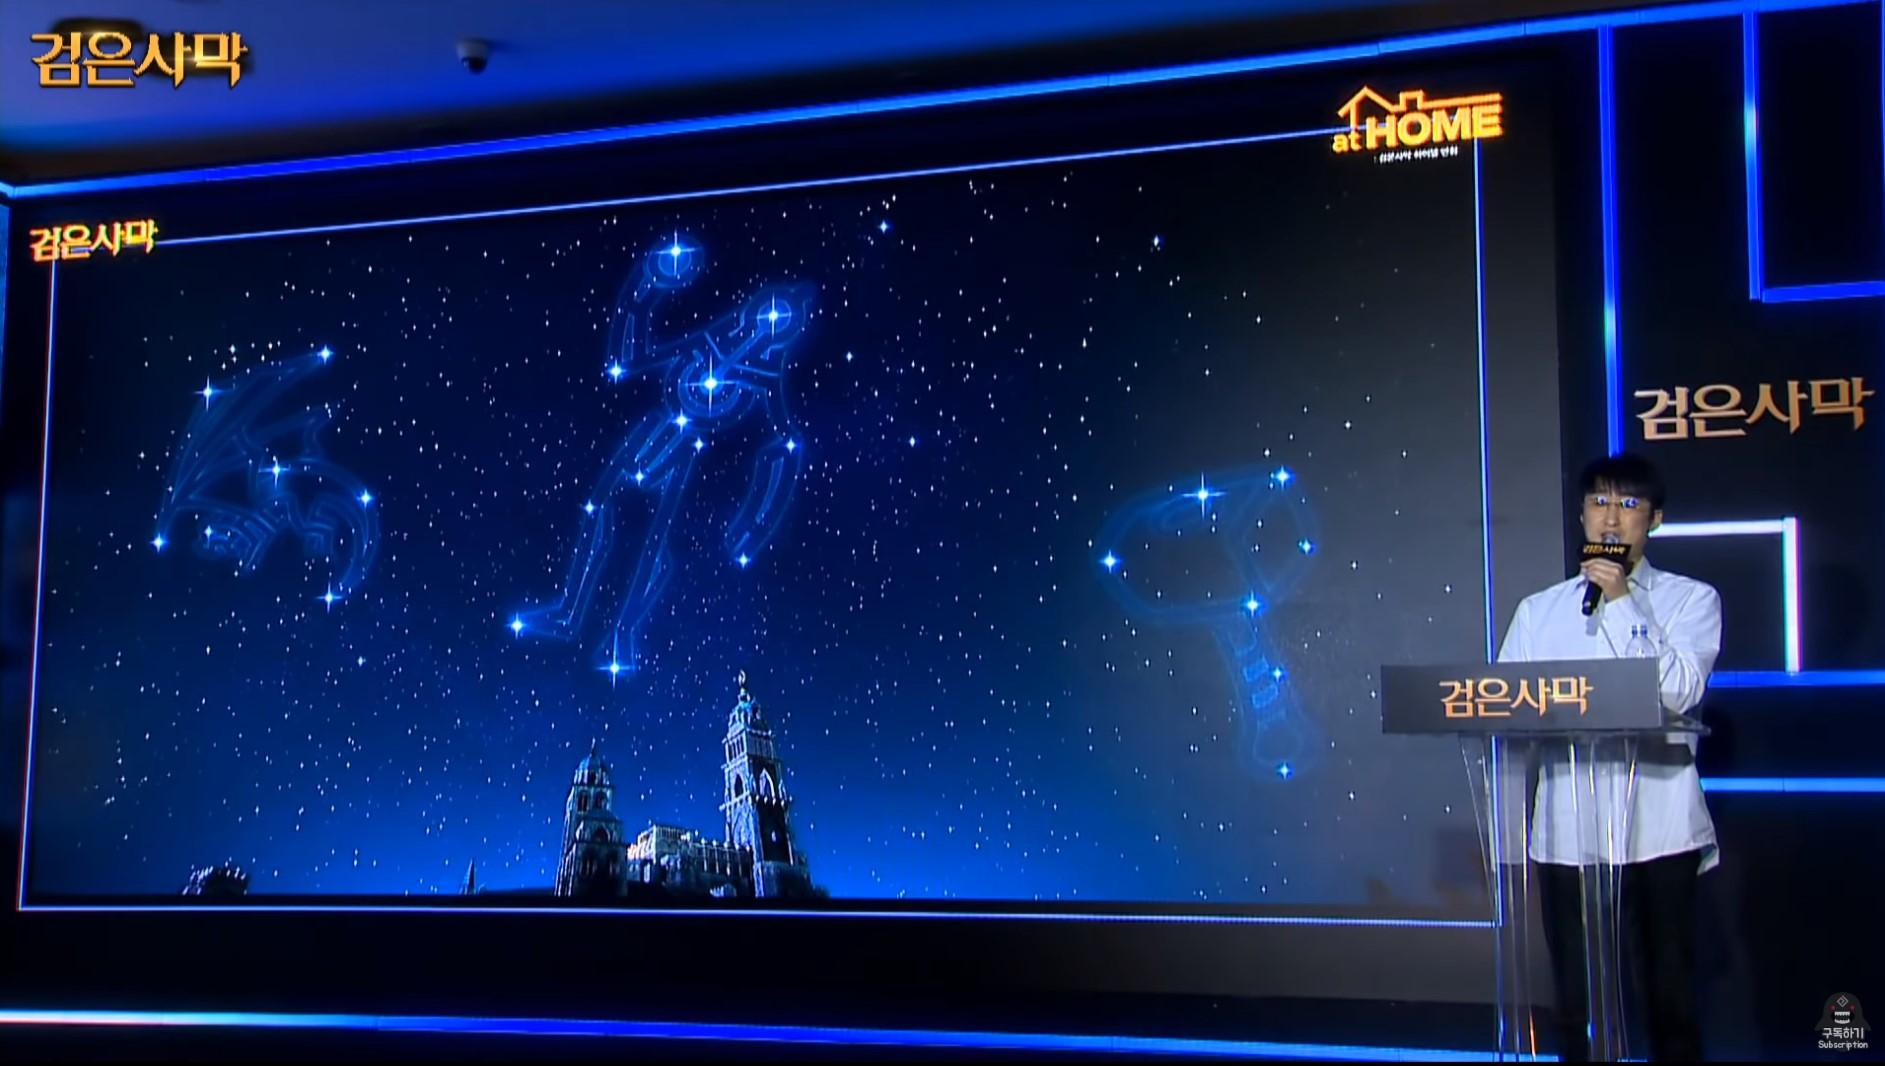 Vorstellung der Sternzeichen